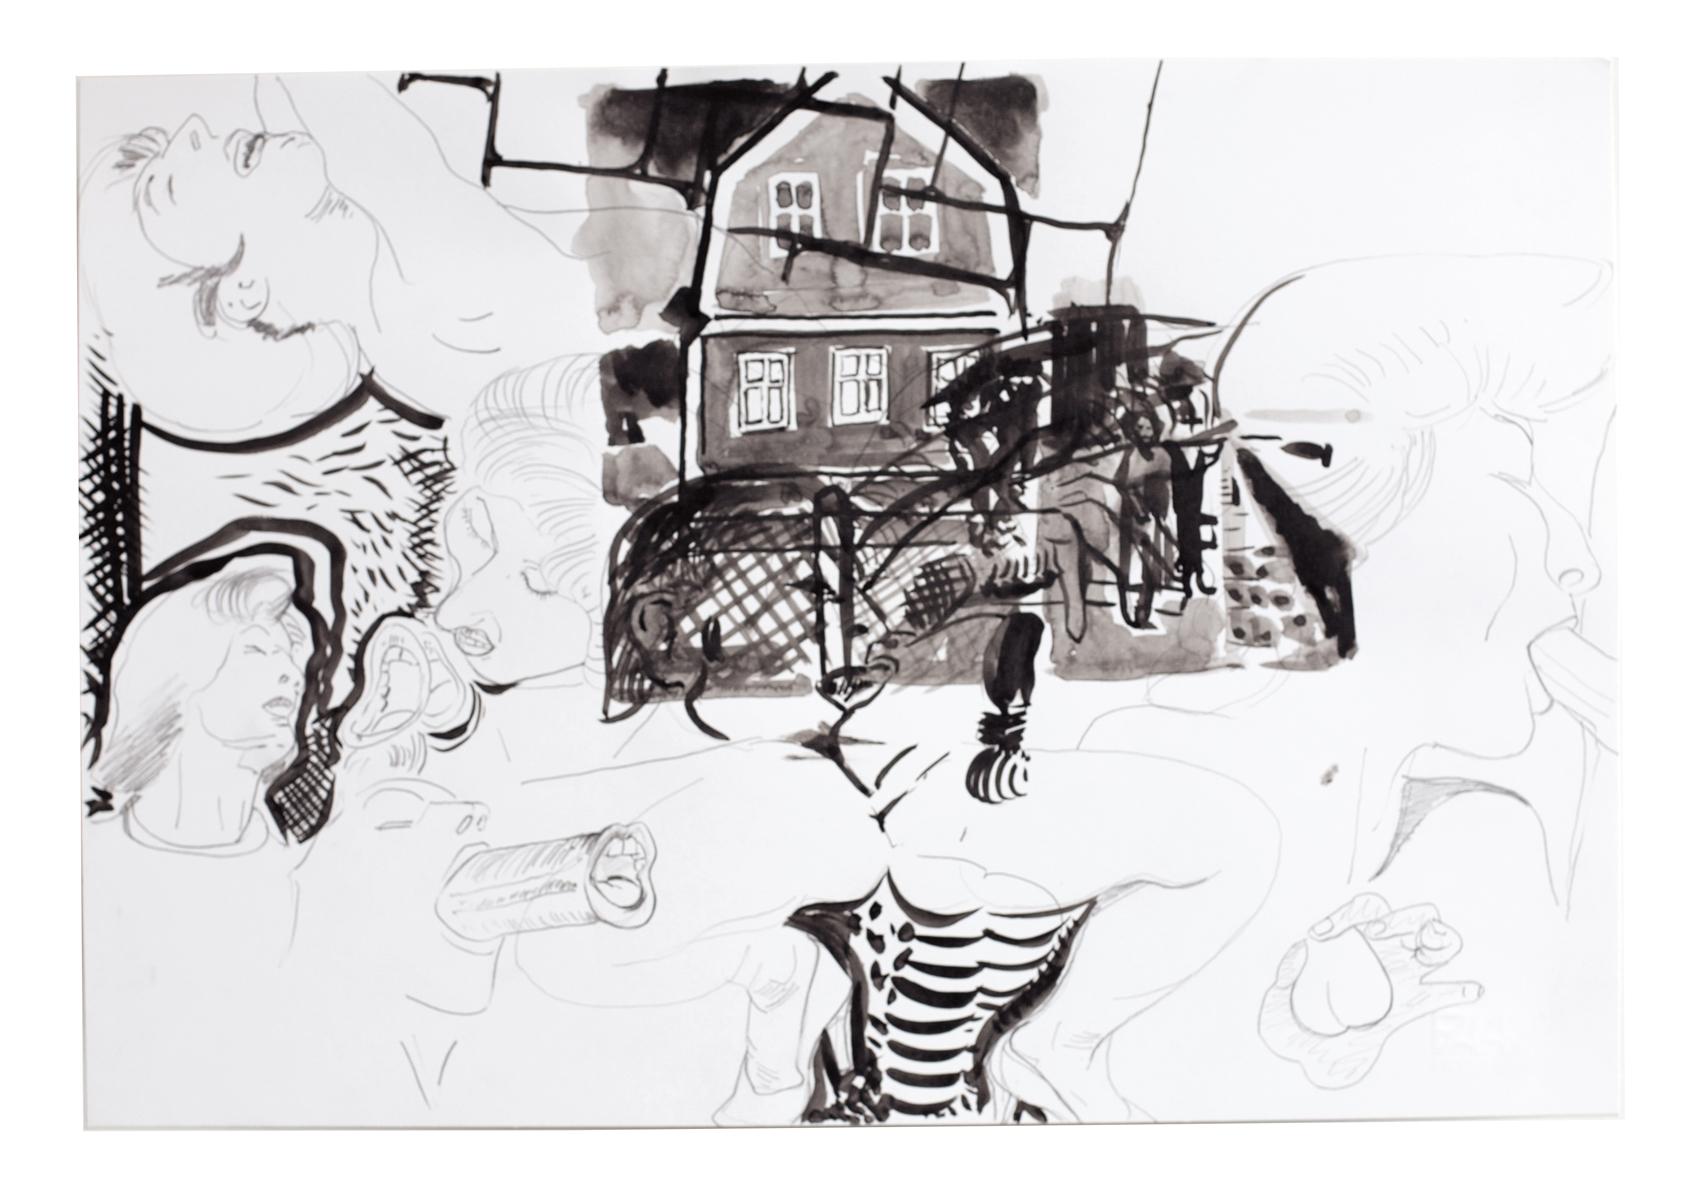 ohne Titel_2008 / 48,5 x 33 cm_Bleistift/Tusche/Papier